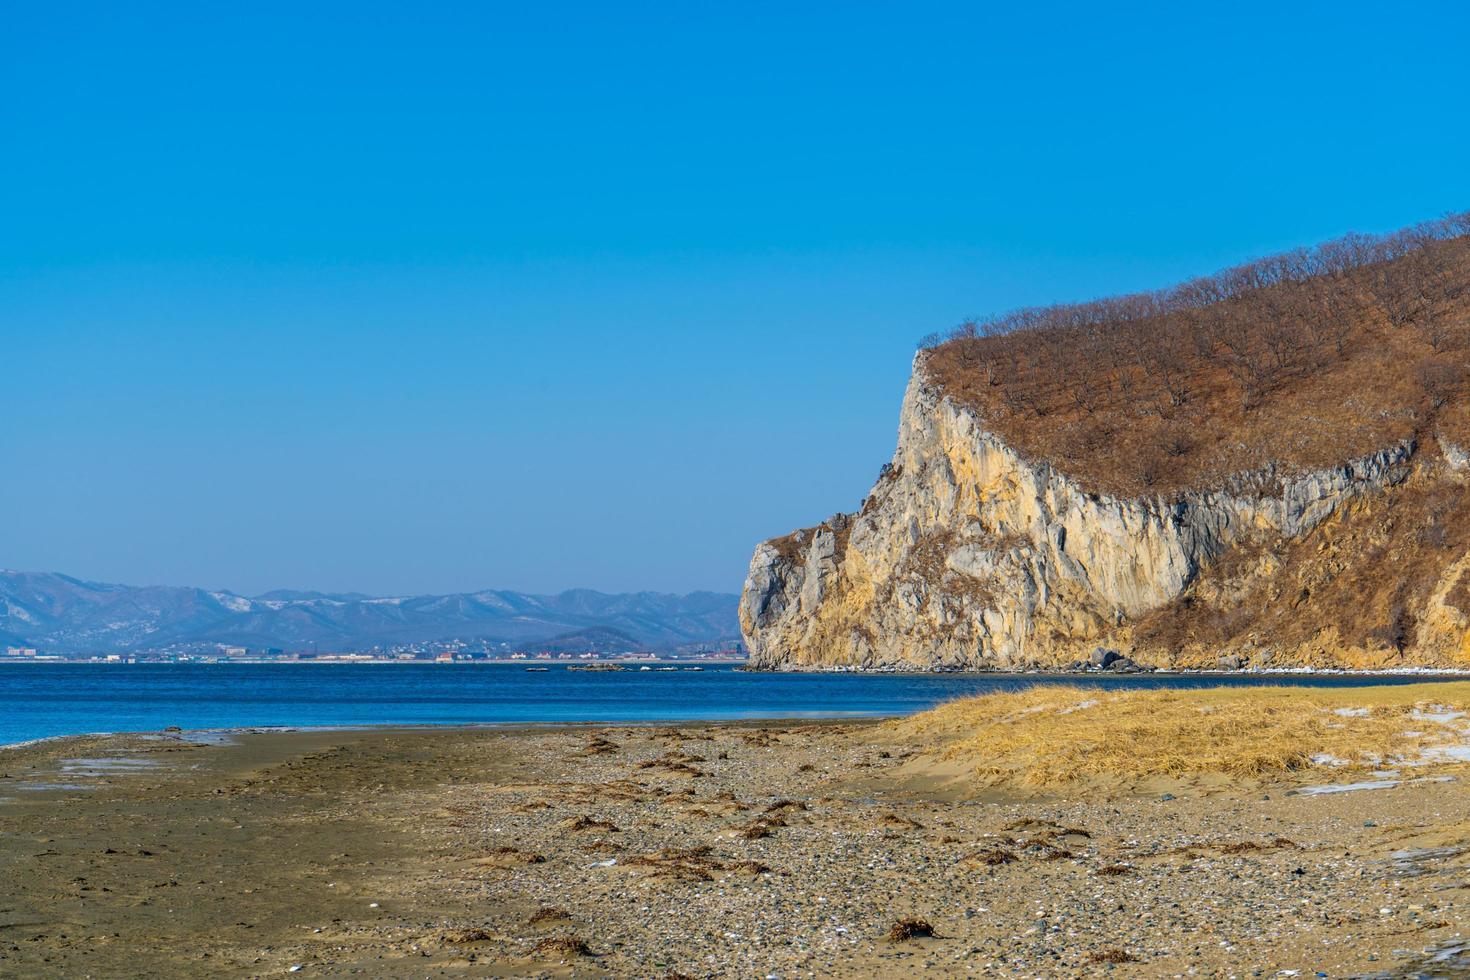 zeegezicht met uitzicht op de rotsen en de kust foto